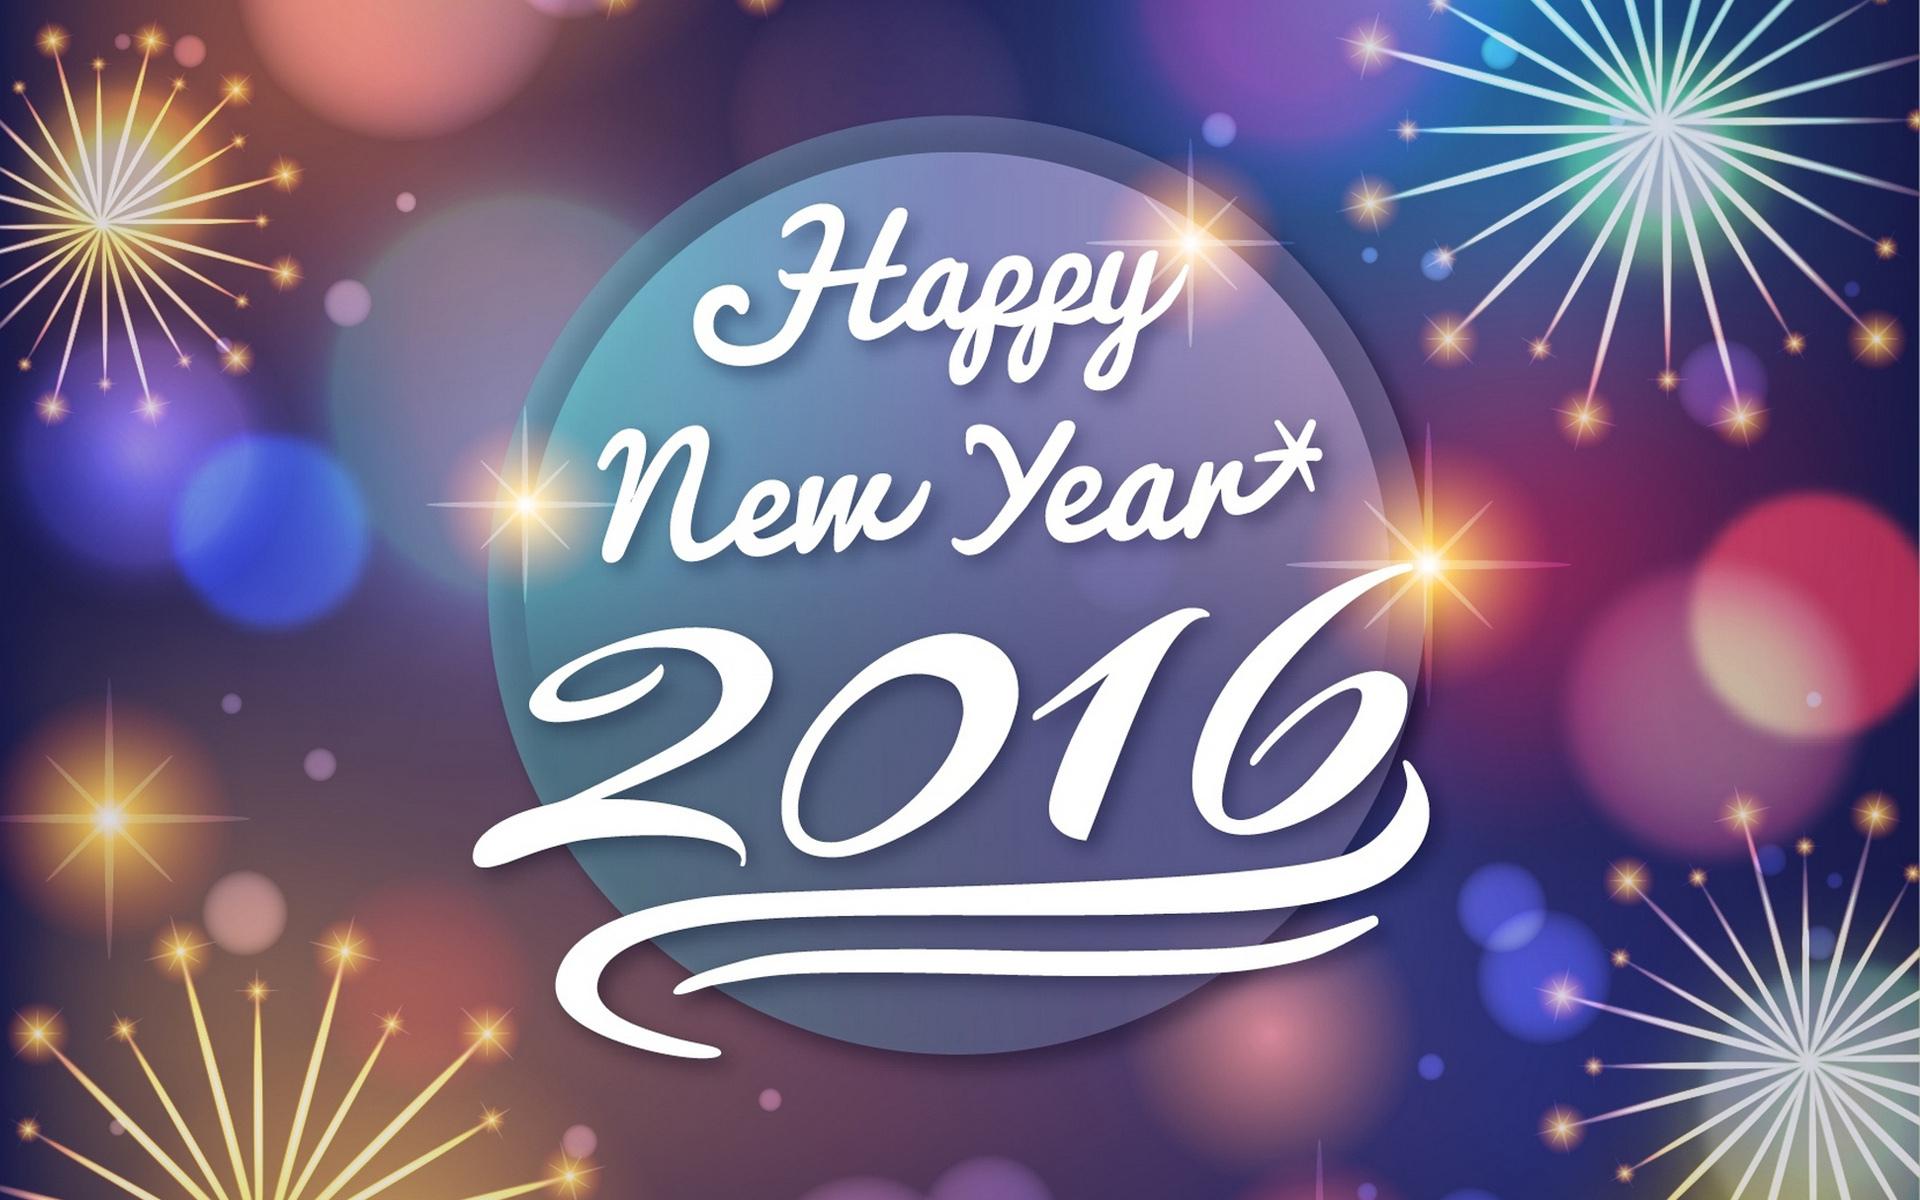 Открытки с новым годом 2016 картинки